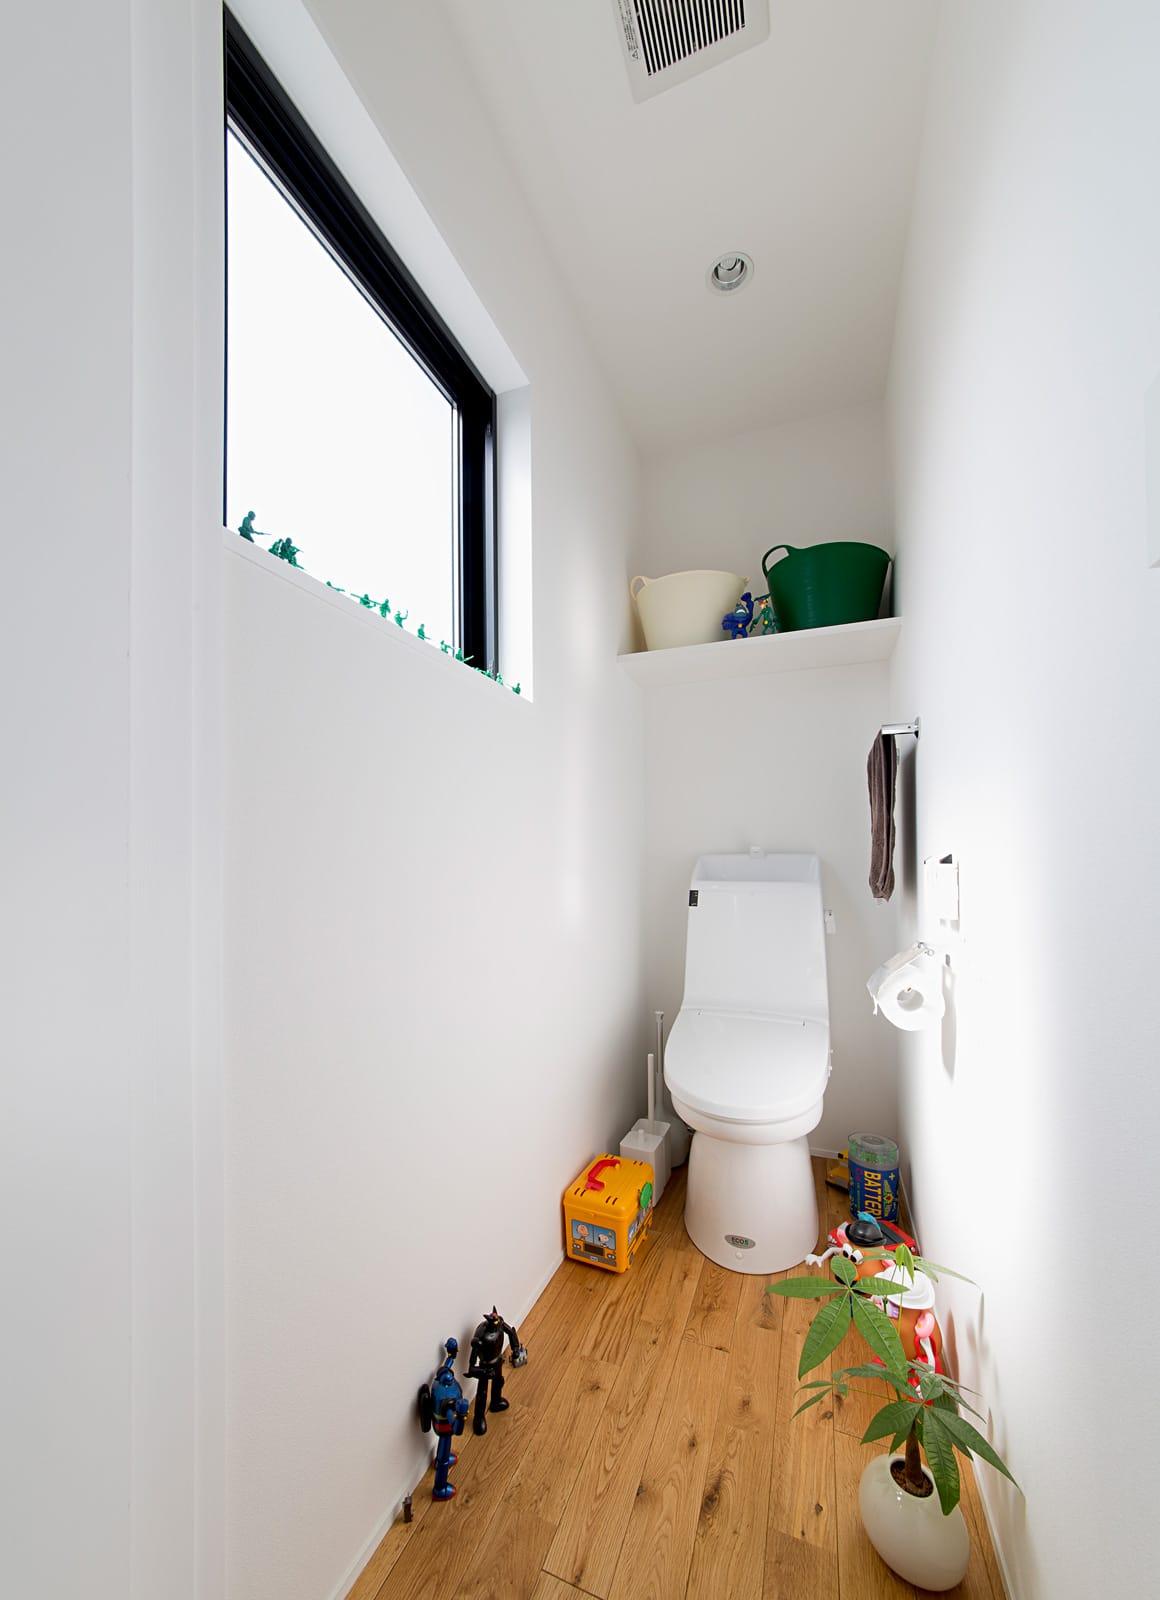 秘密基地のある家のトイレ1